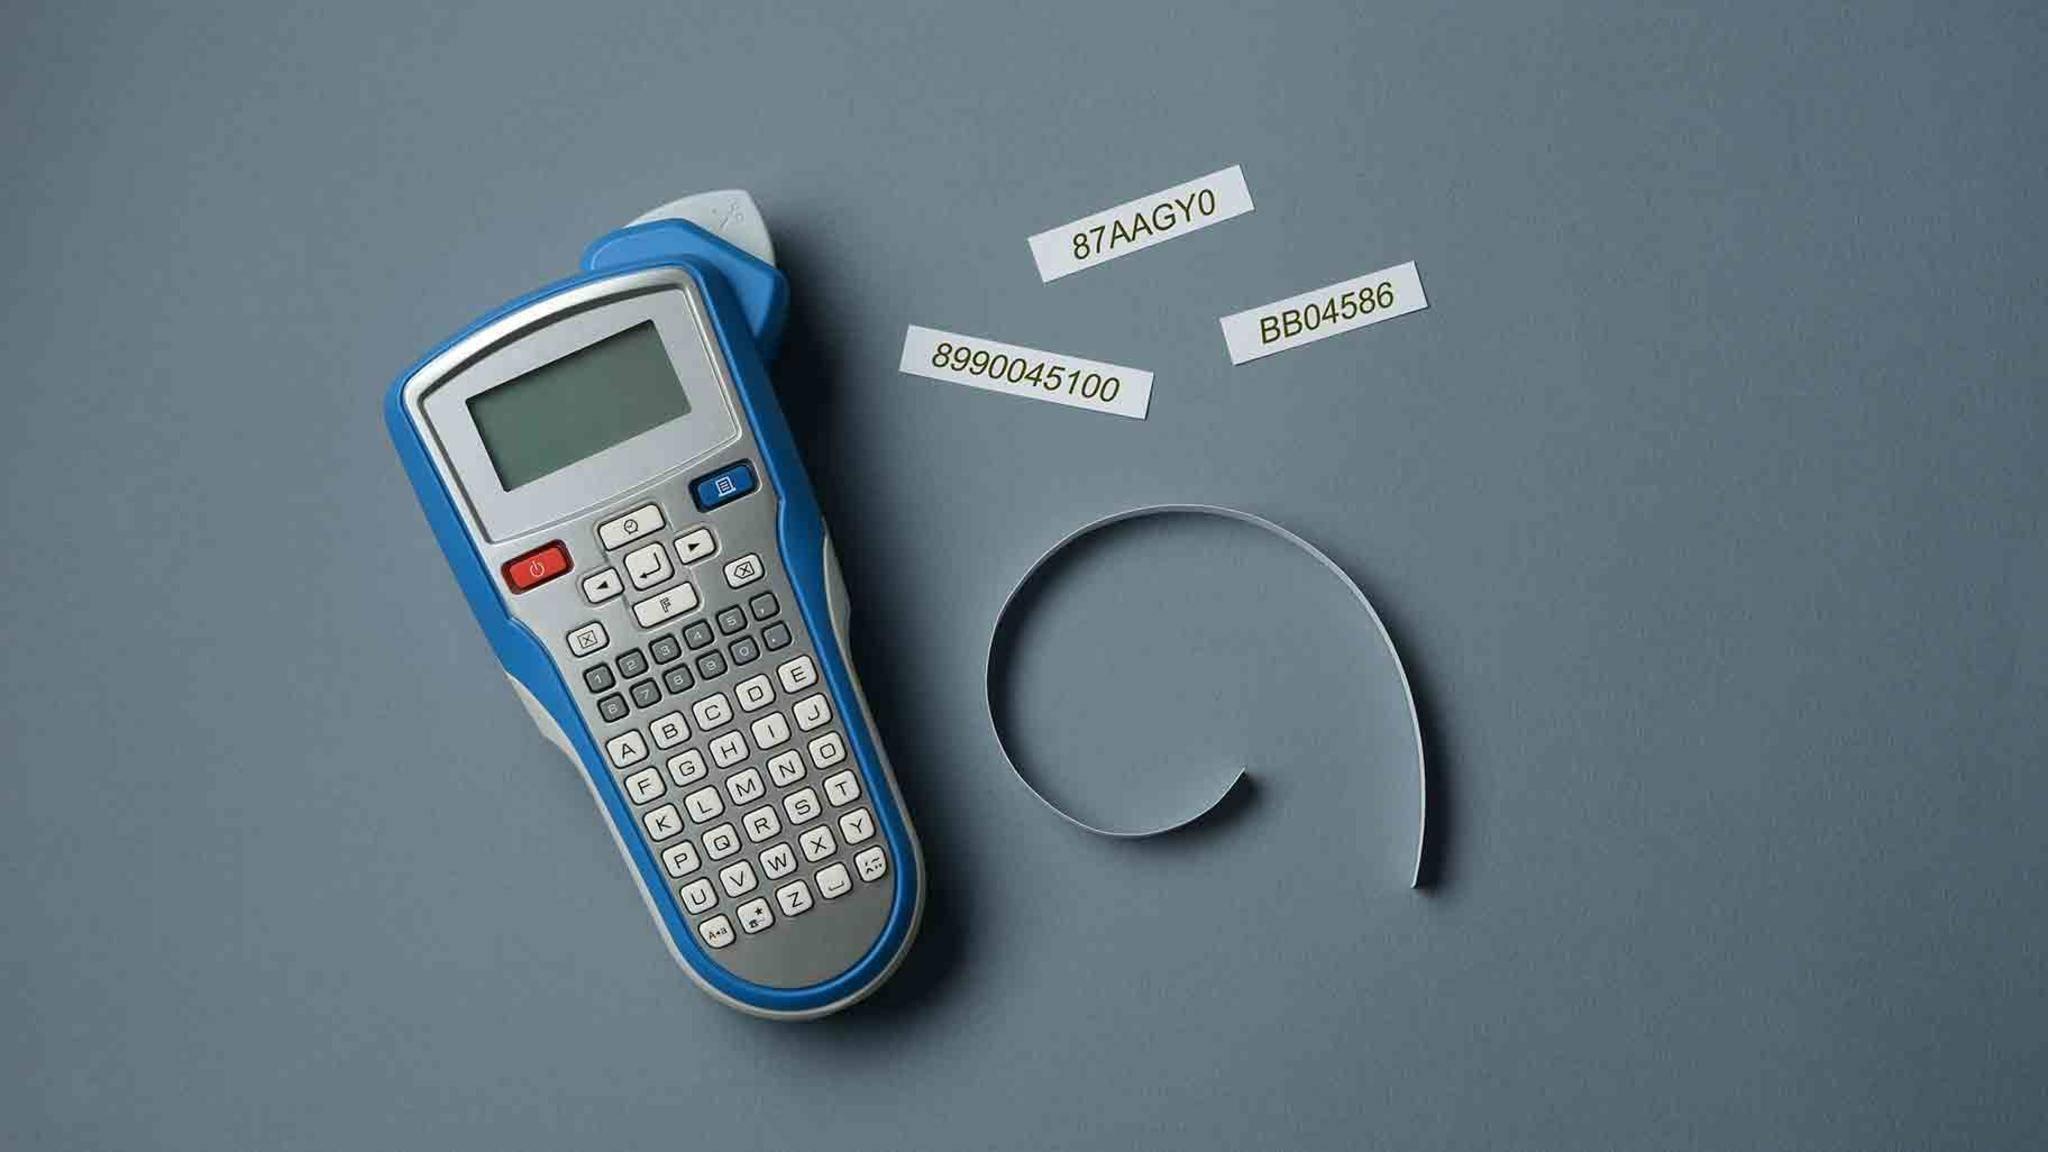 Sie sind klein, praktisch und verbessern im Handumdrehen die Organisation: Beschriftungsgeräte.